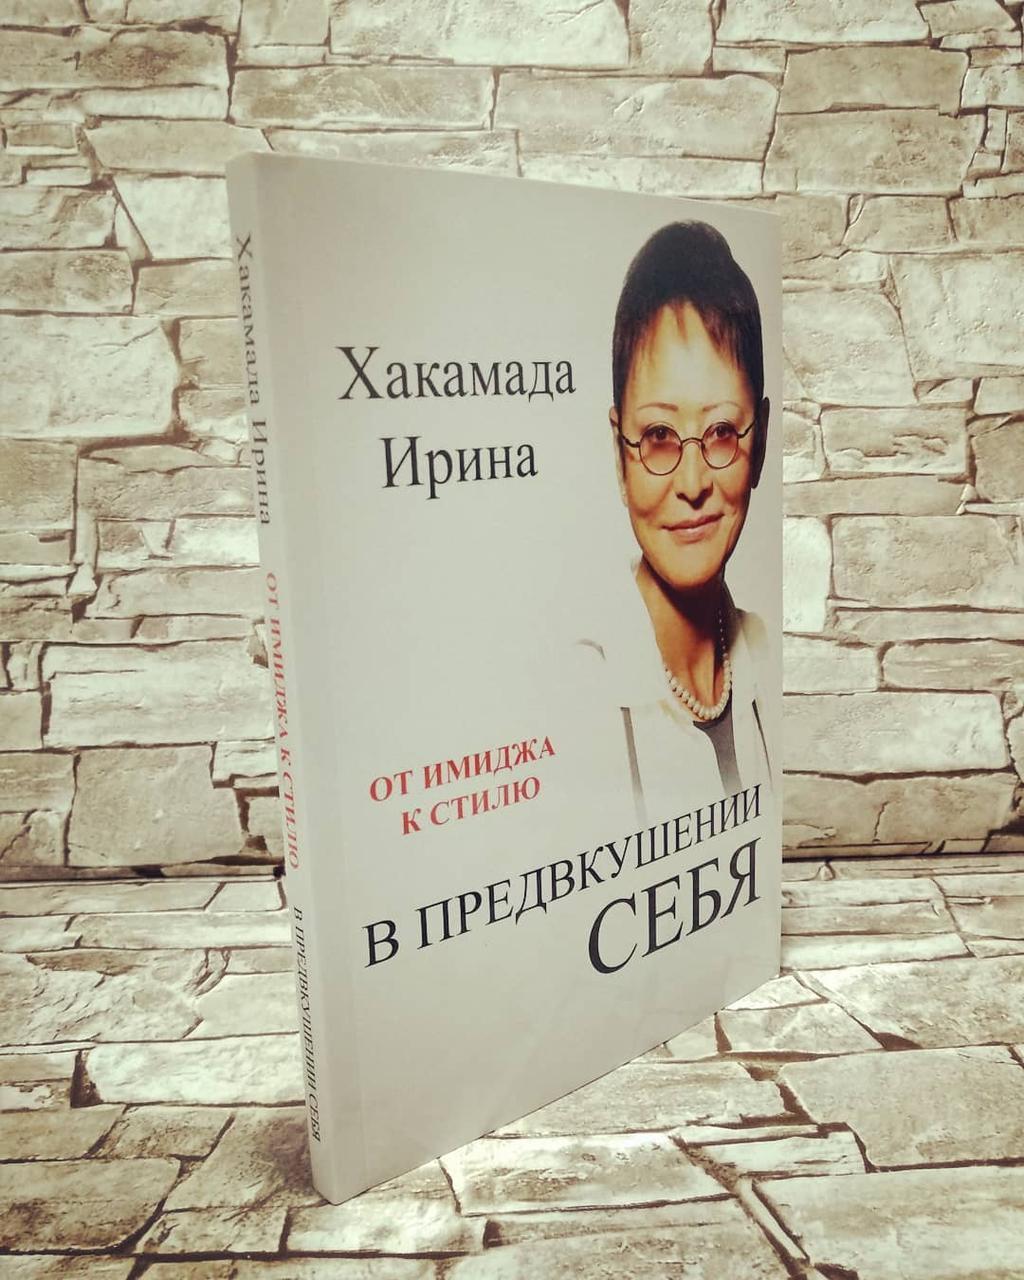 """Книга """"В предвкушении себя. От имиджа к стилю"""" Ирина Хакамада"""